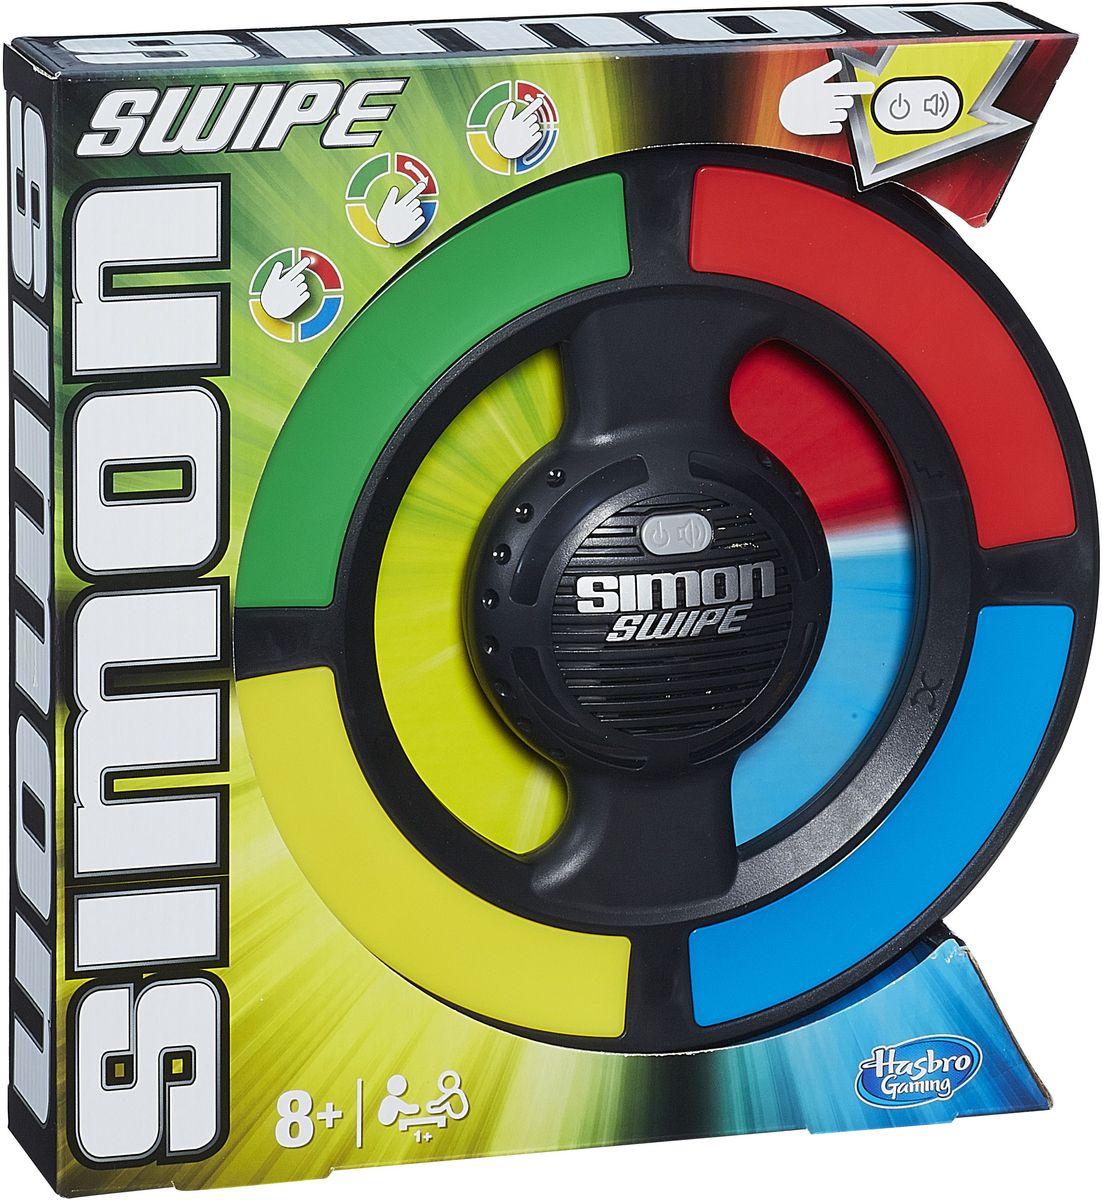 Hasbro Games Настольная игра Саймон СвайпA8766121Увлекательная настольная игра Саймон Свайп на внимательность и скорость. Следите за световым сигналом. Теперь повторите его! Подождите, пока загорятся два световых сигнала, и запомните их. Повторите то, что видели. Если загорелось больше одного светового сигнала, нужно скользить пальцем! Проведите пальцем по нужным цветовым секторам. С каждым уровнем последовательность сигналов увеличивается. Если зазвучала музыка и замигали огни, вы перешли на новый уровень! Если вы ошиблись, то прозвучит гудок, и игра закончится. Рекомендуется докупить 3 батарейки напряжением 1,5V типа АА (товар комплектуется демонстрационными).